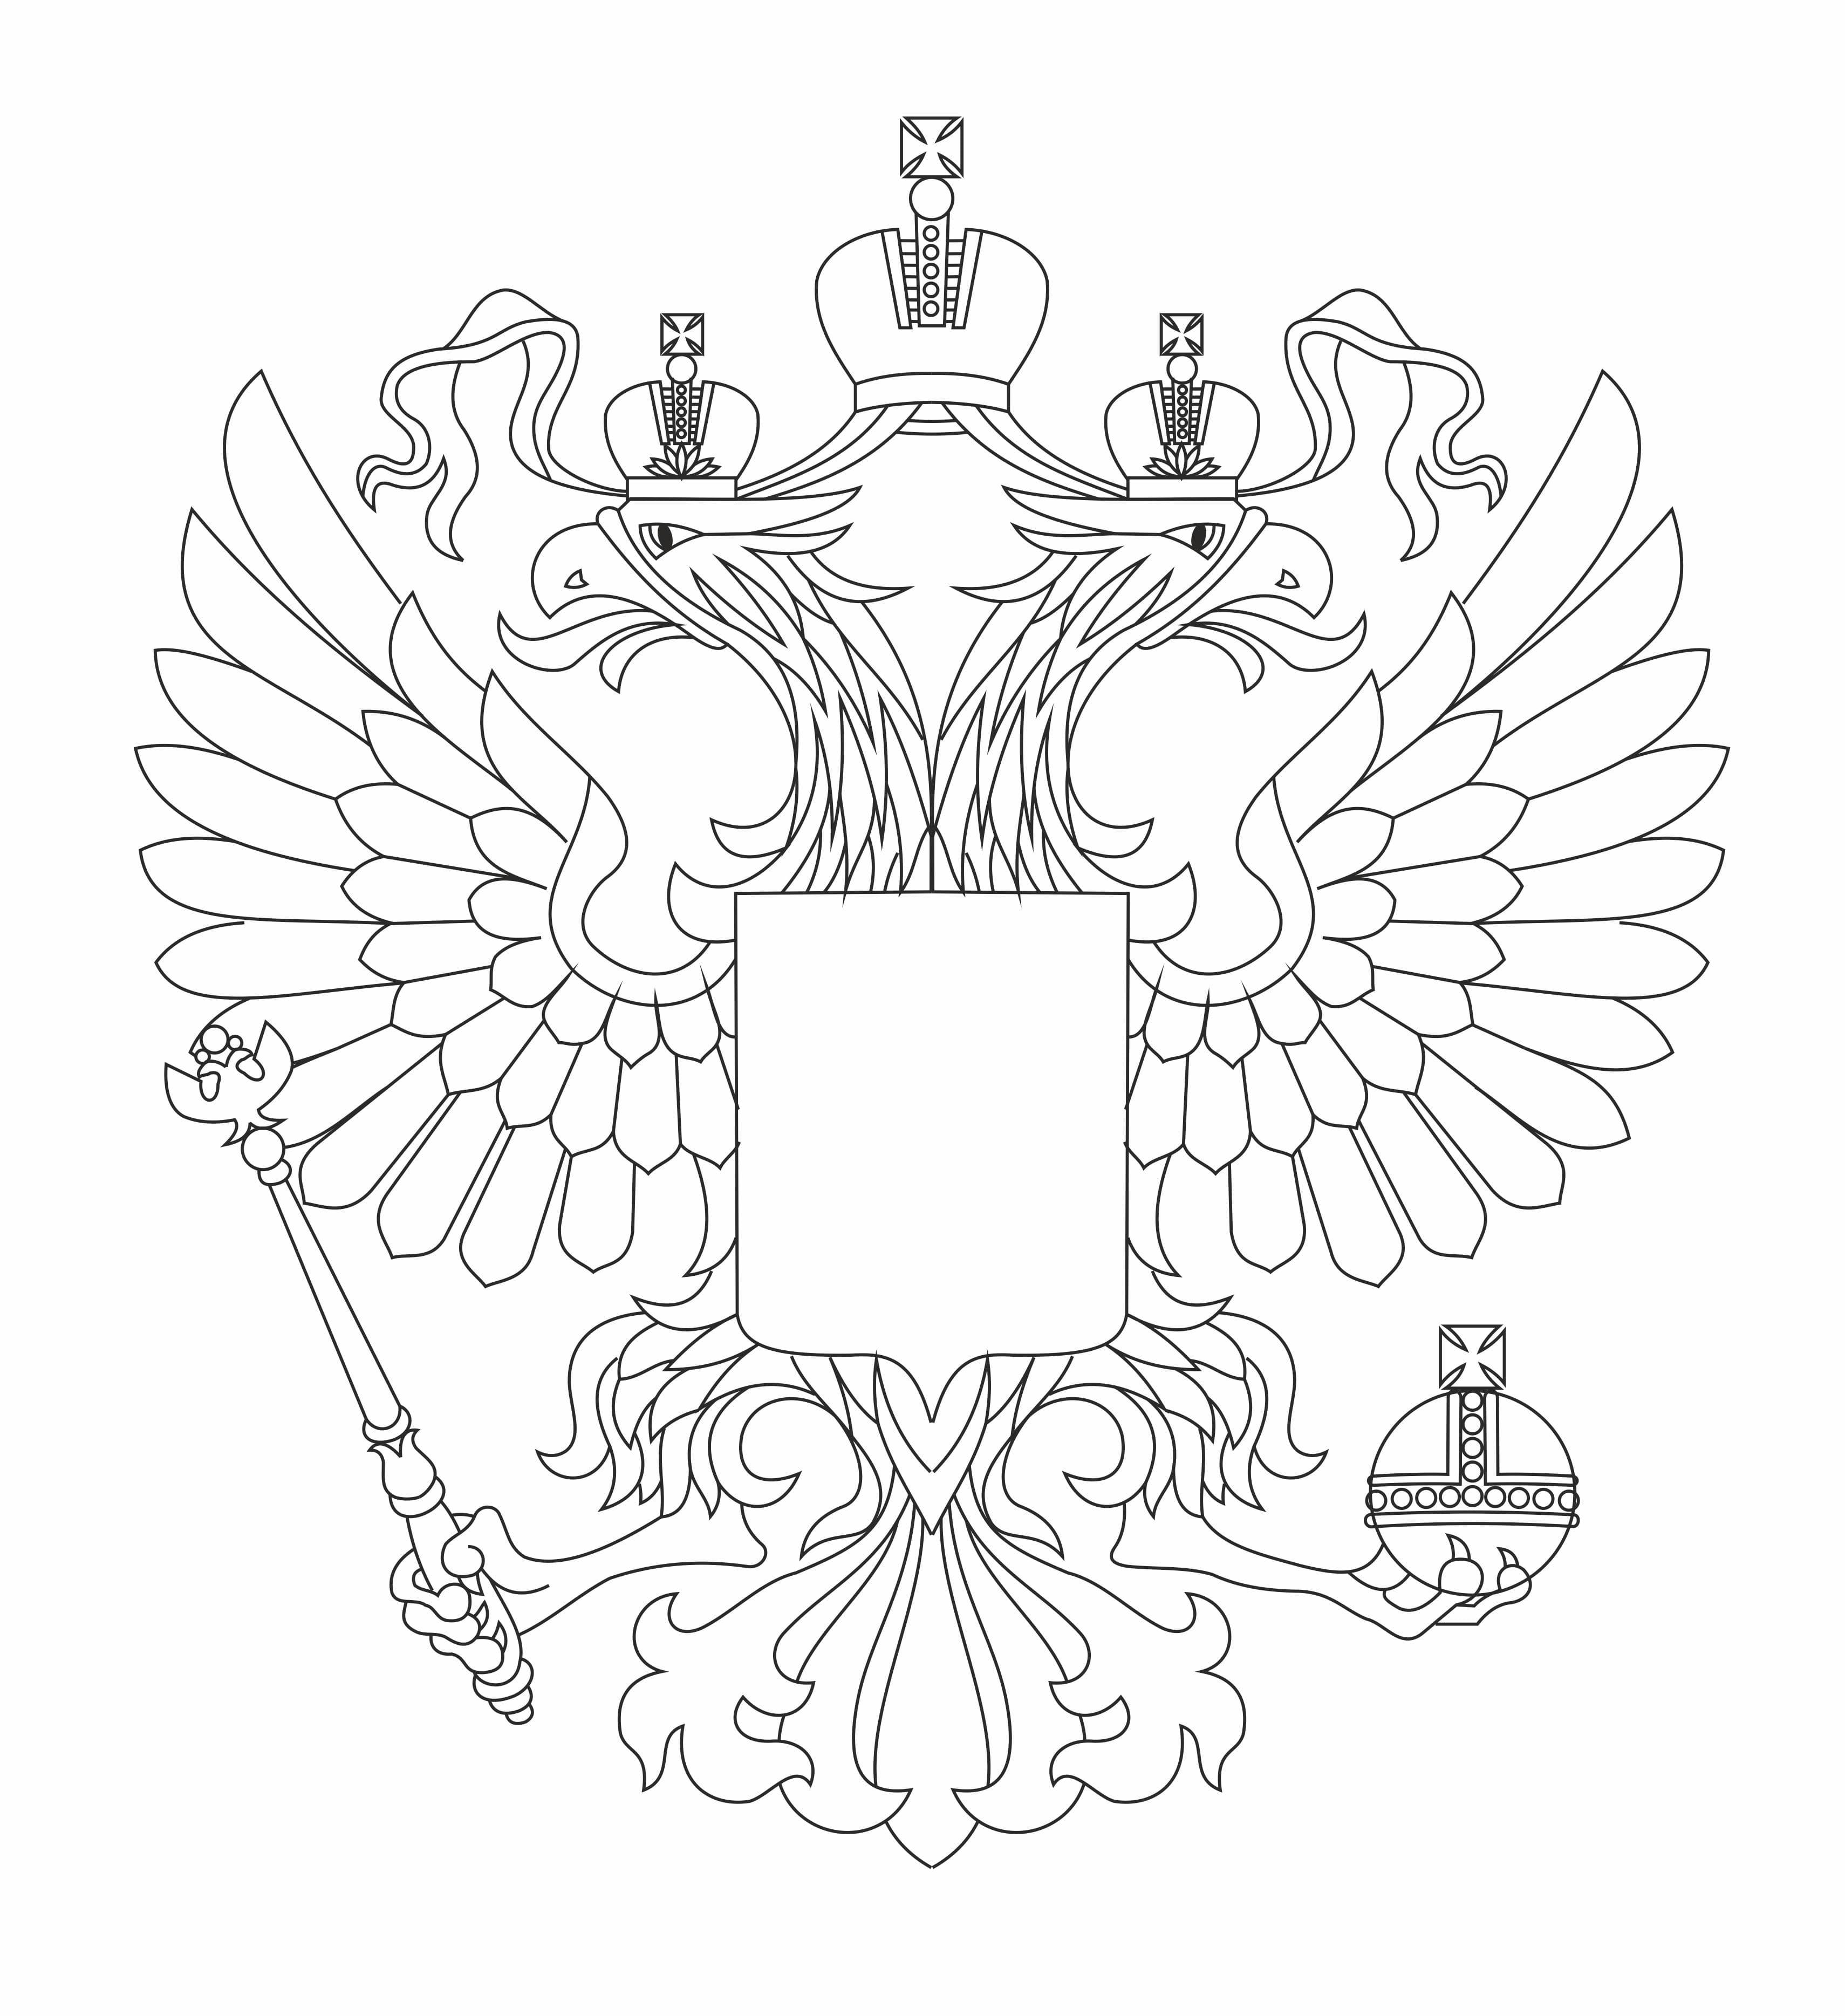 символика россии картинки для раскрашивания череп входом